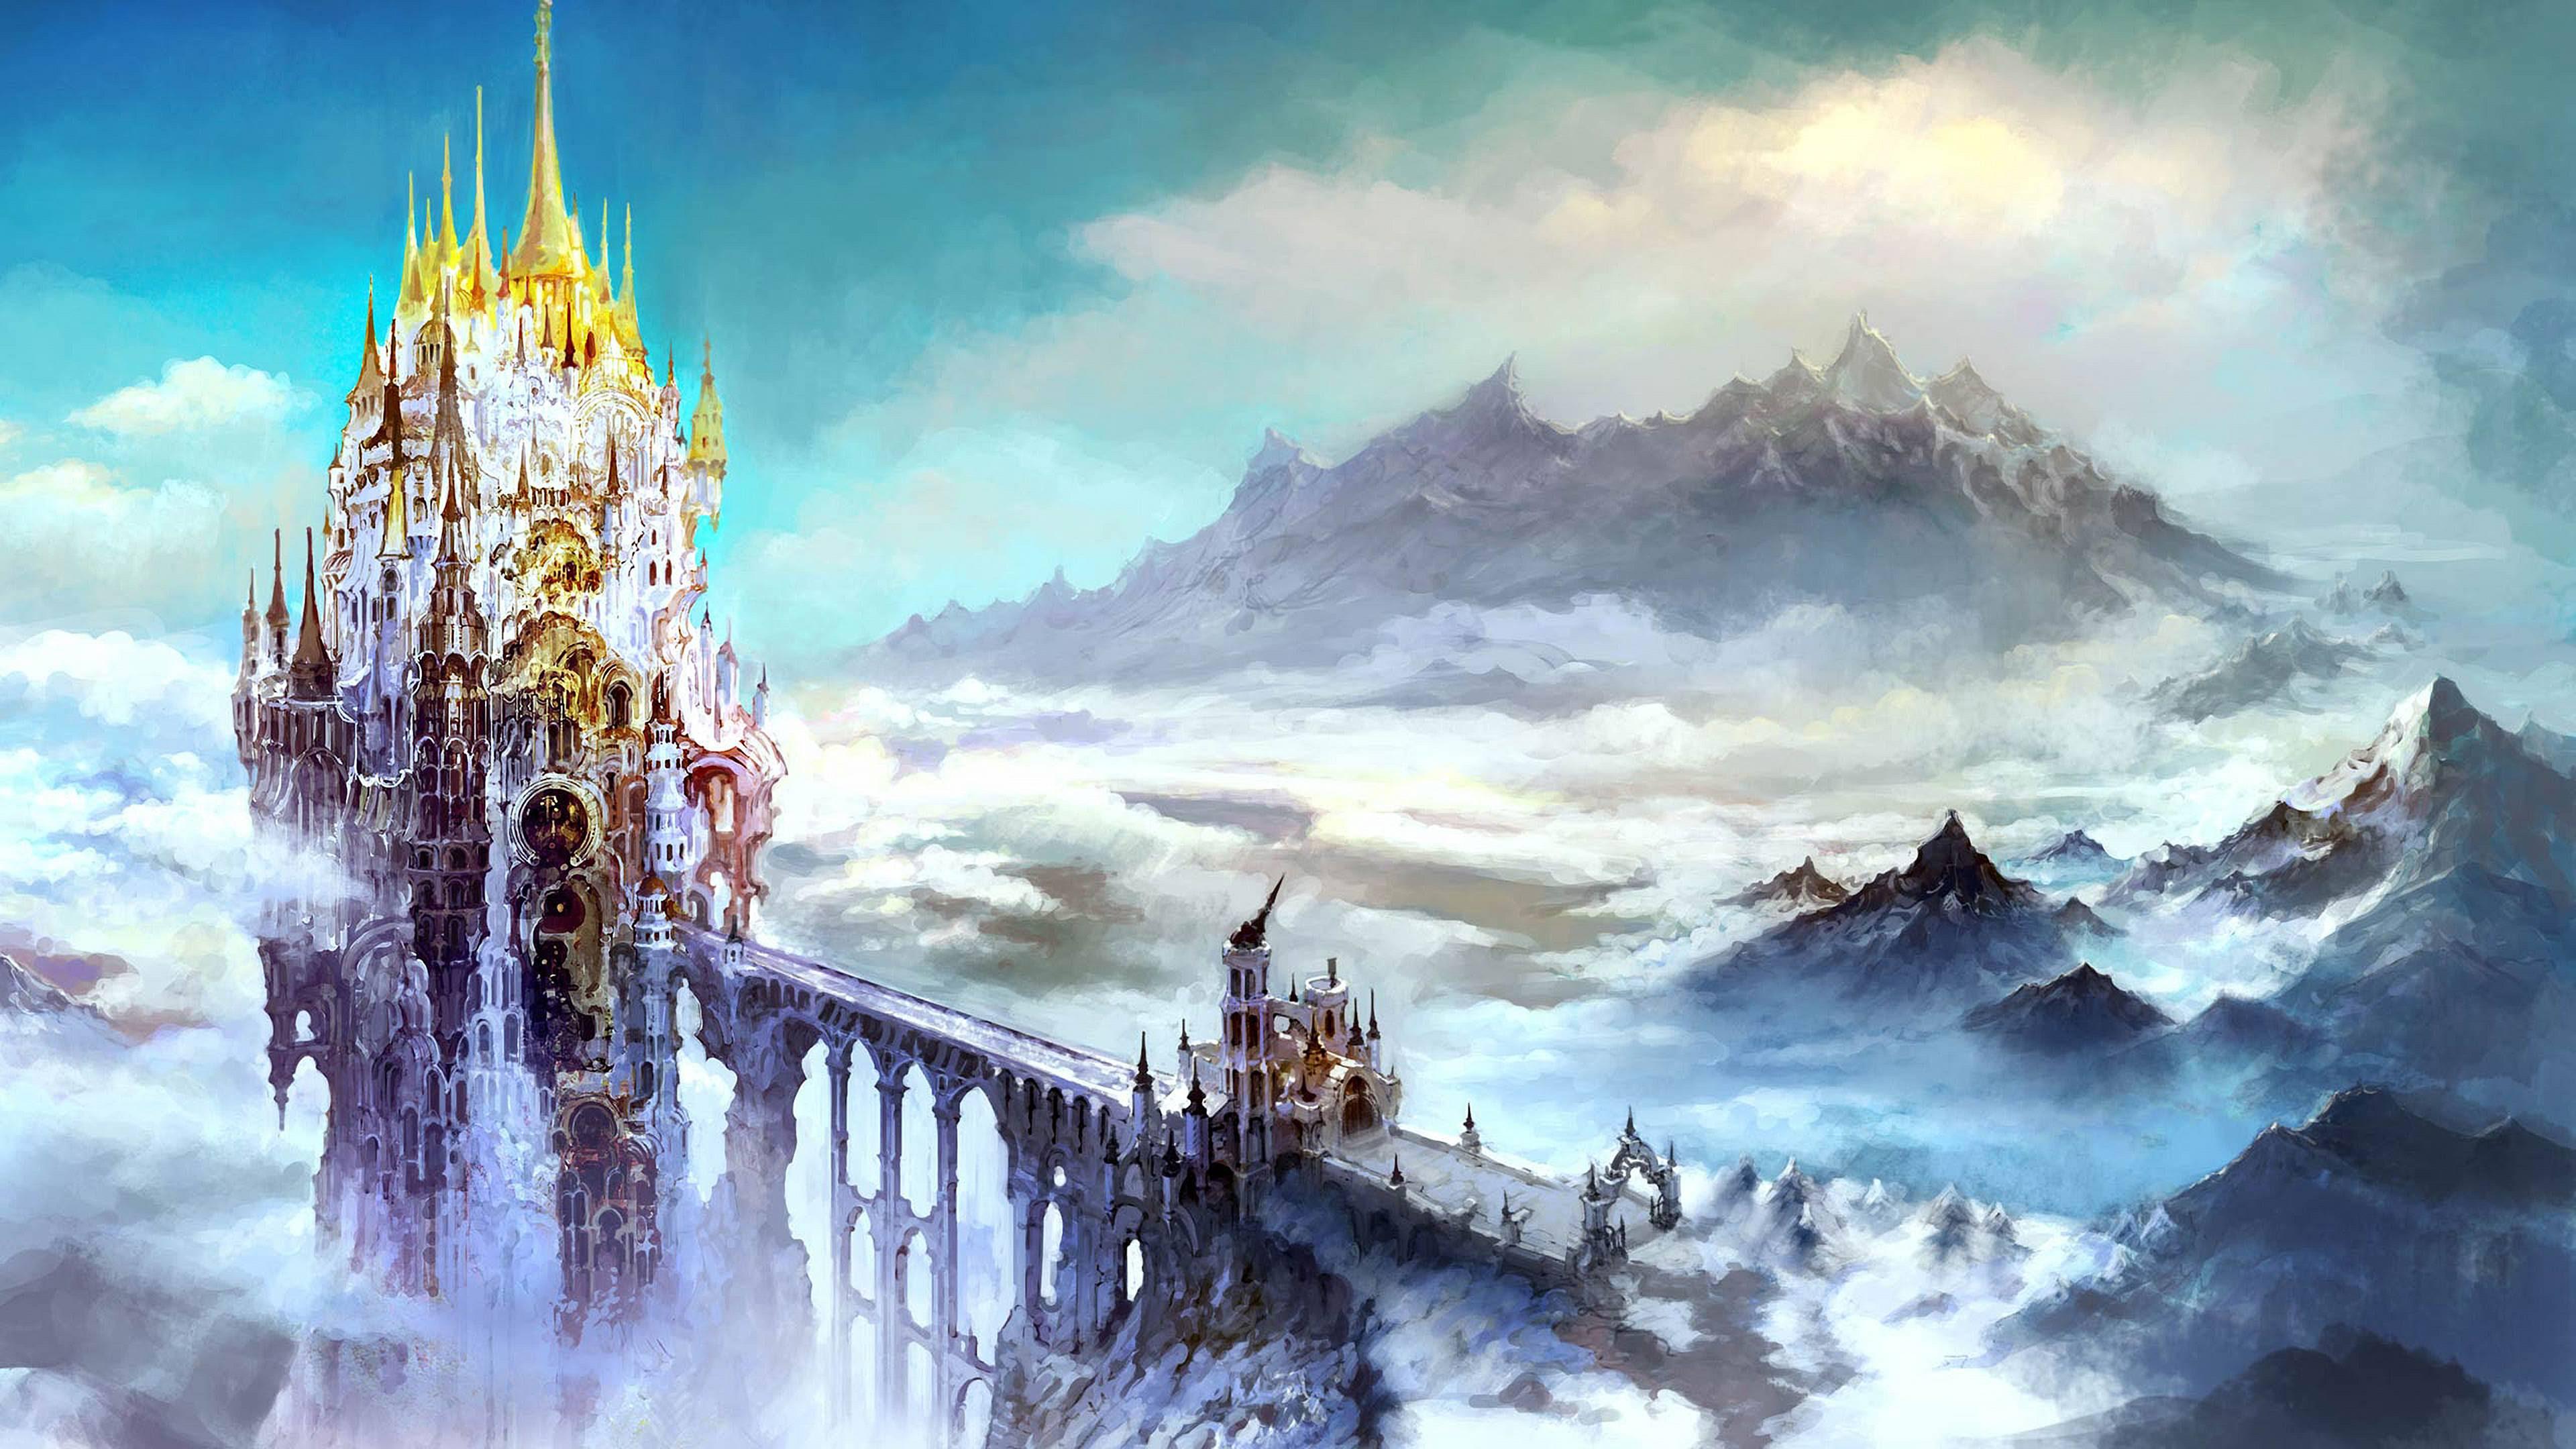 Final Fantasy Xiv 4k 8k Wallpapers Ffxiv